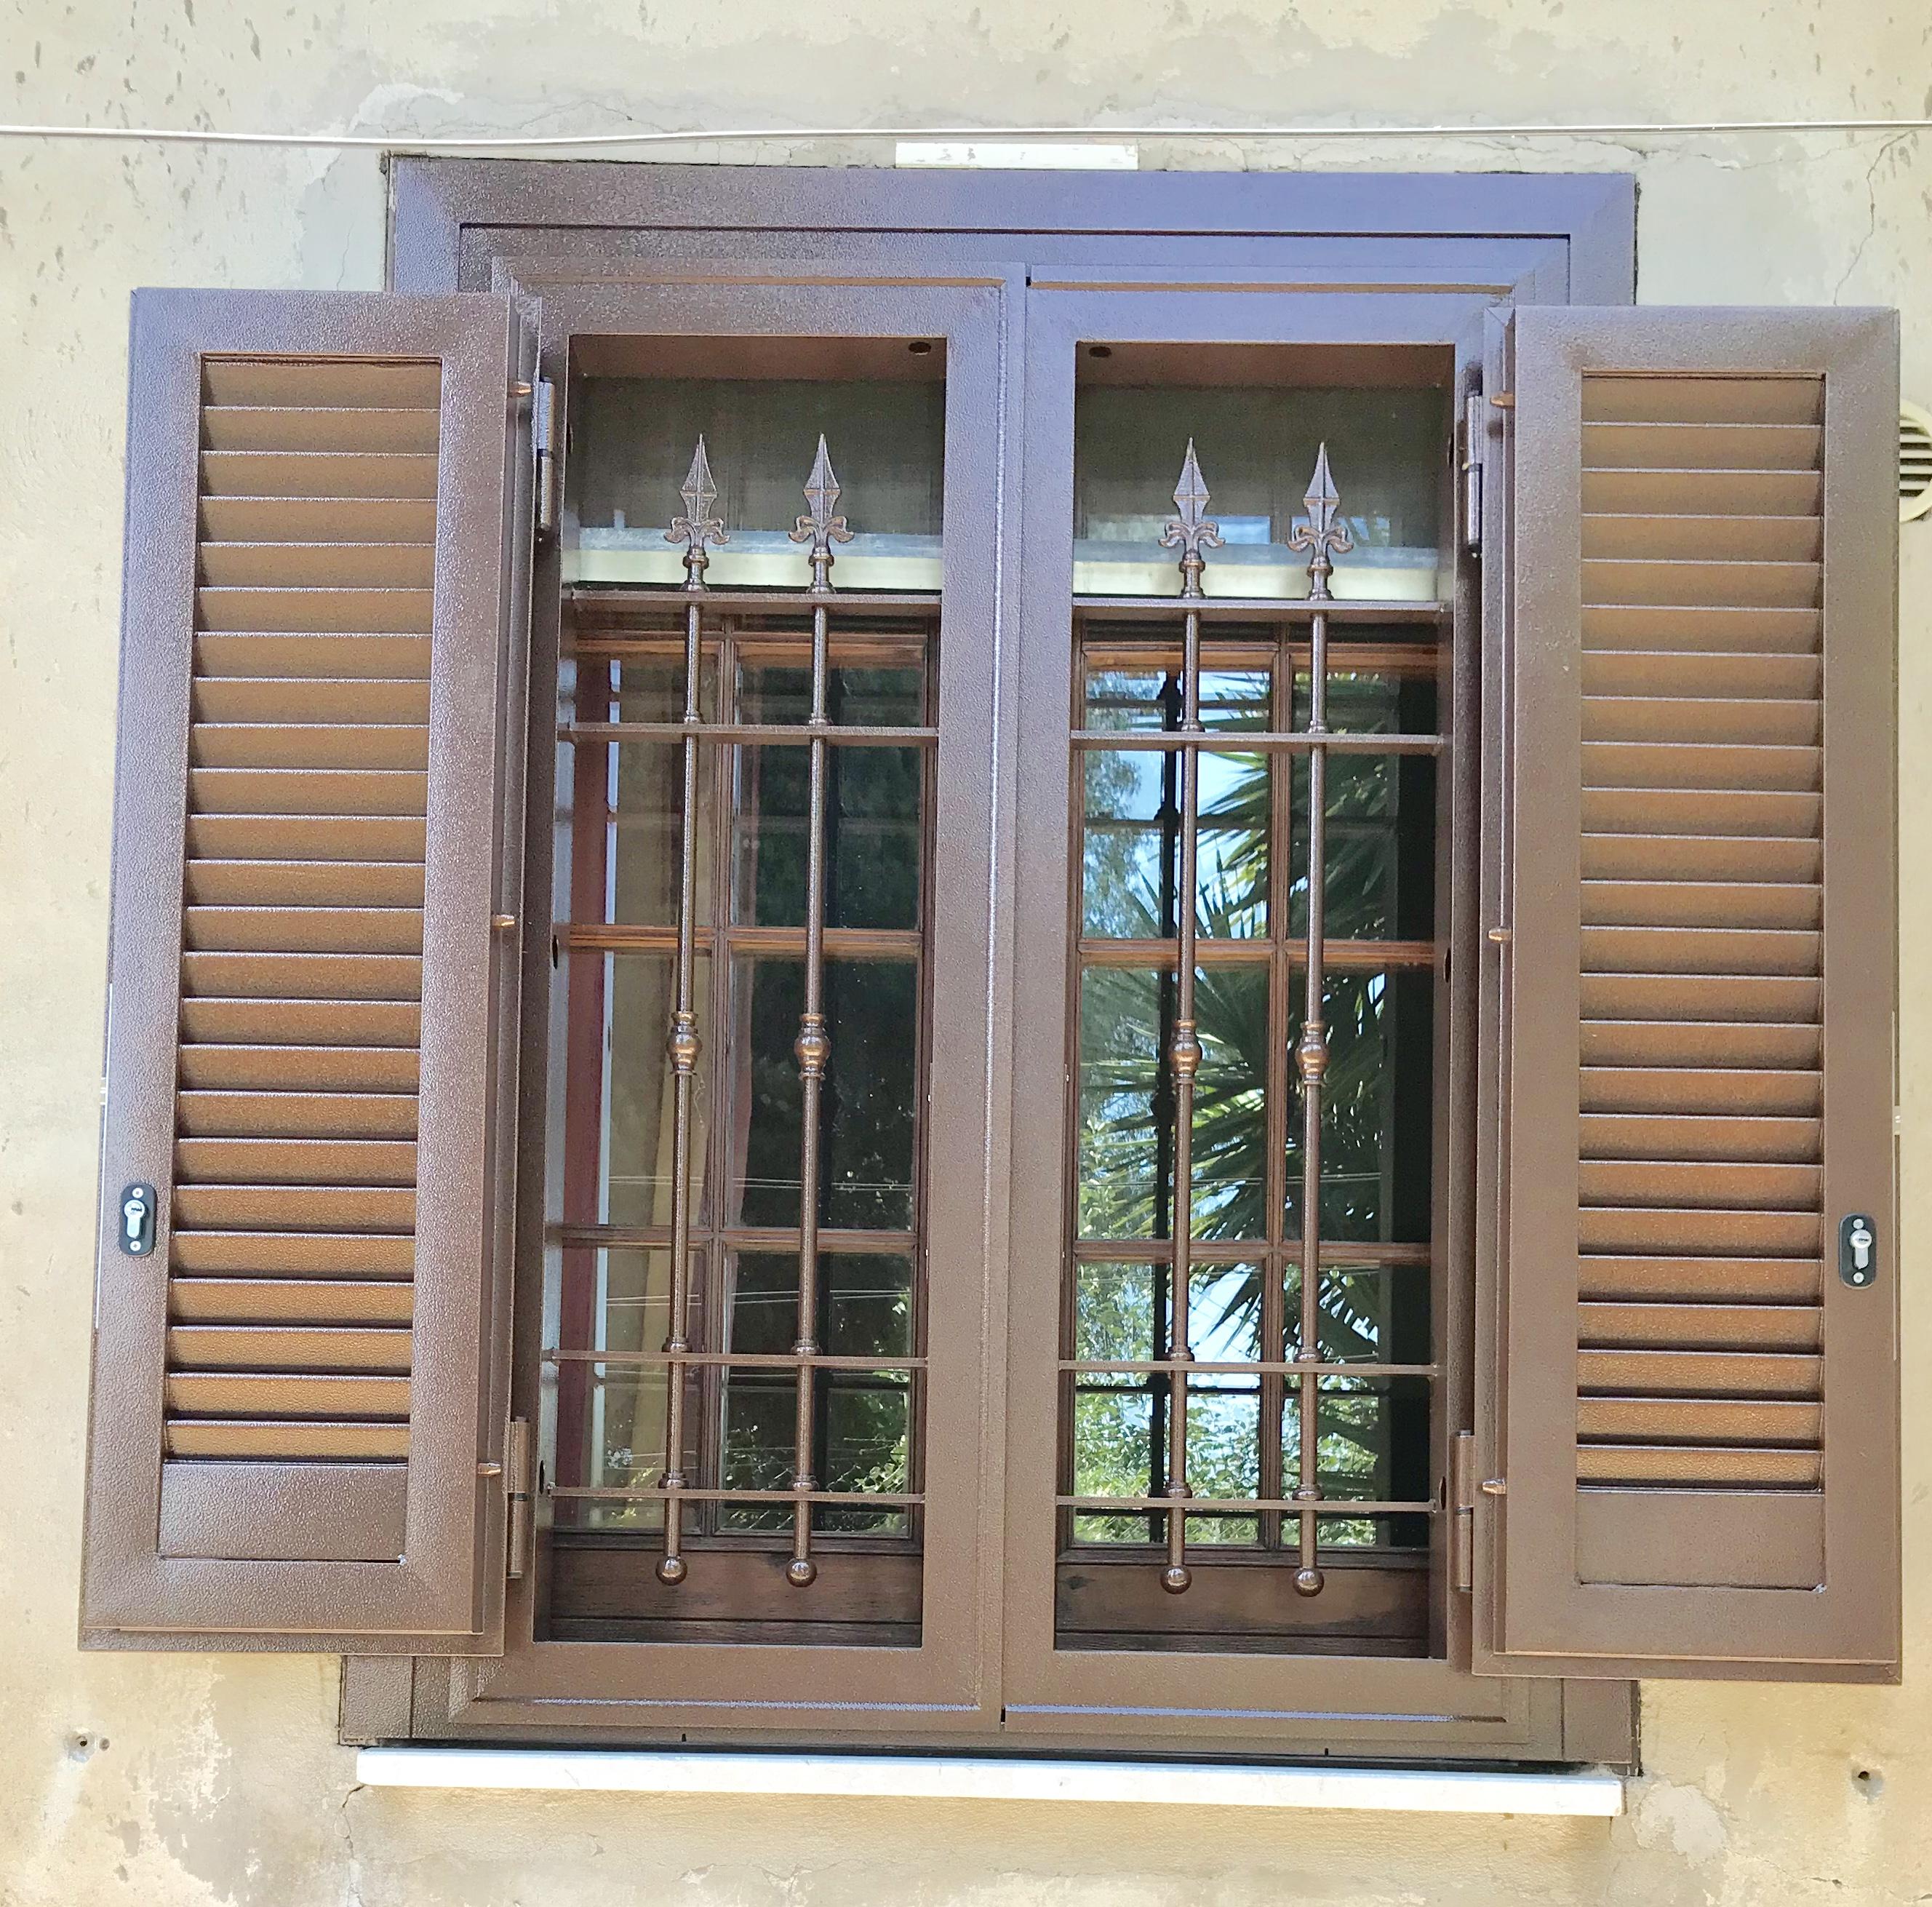 Nuovo sistema grata persiana produzione e vendita di infissi e finestre saliscendi - Finestre saliscendi in pvc ...